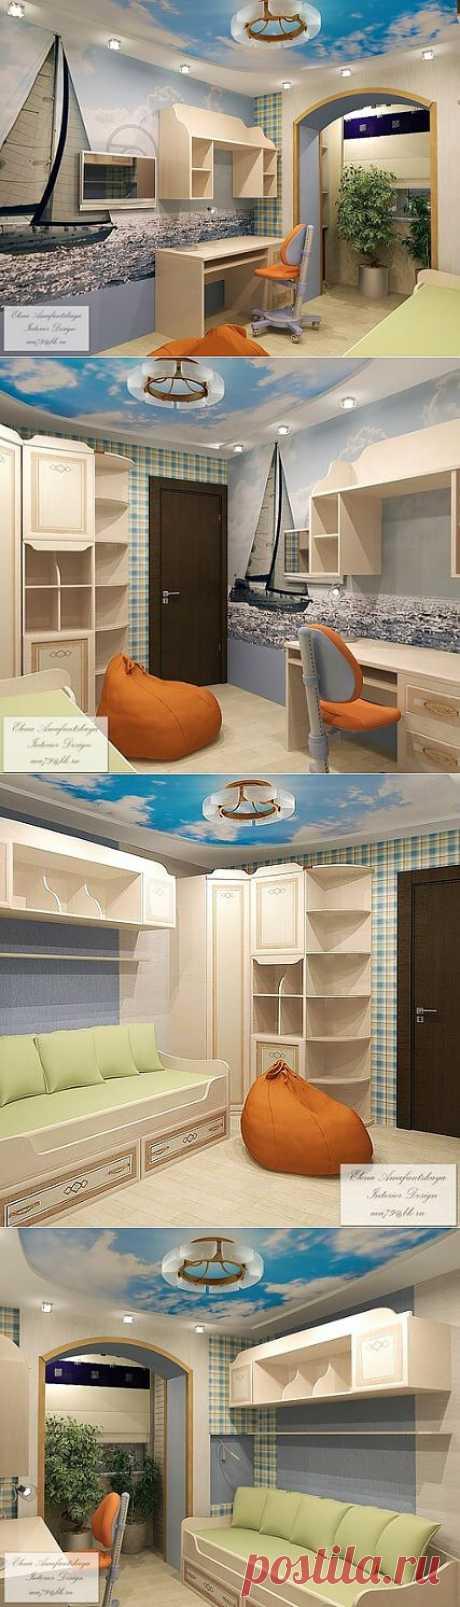 Детская с кораблем - дизайн-проект с фото